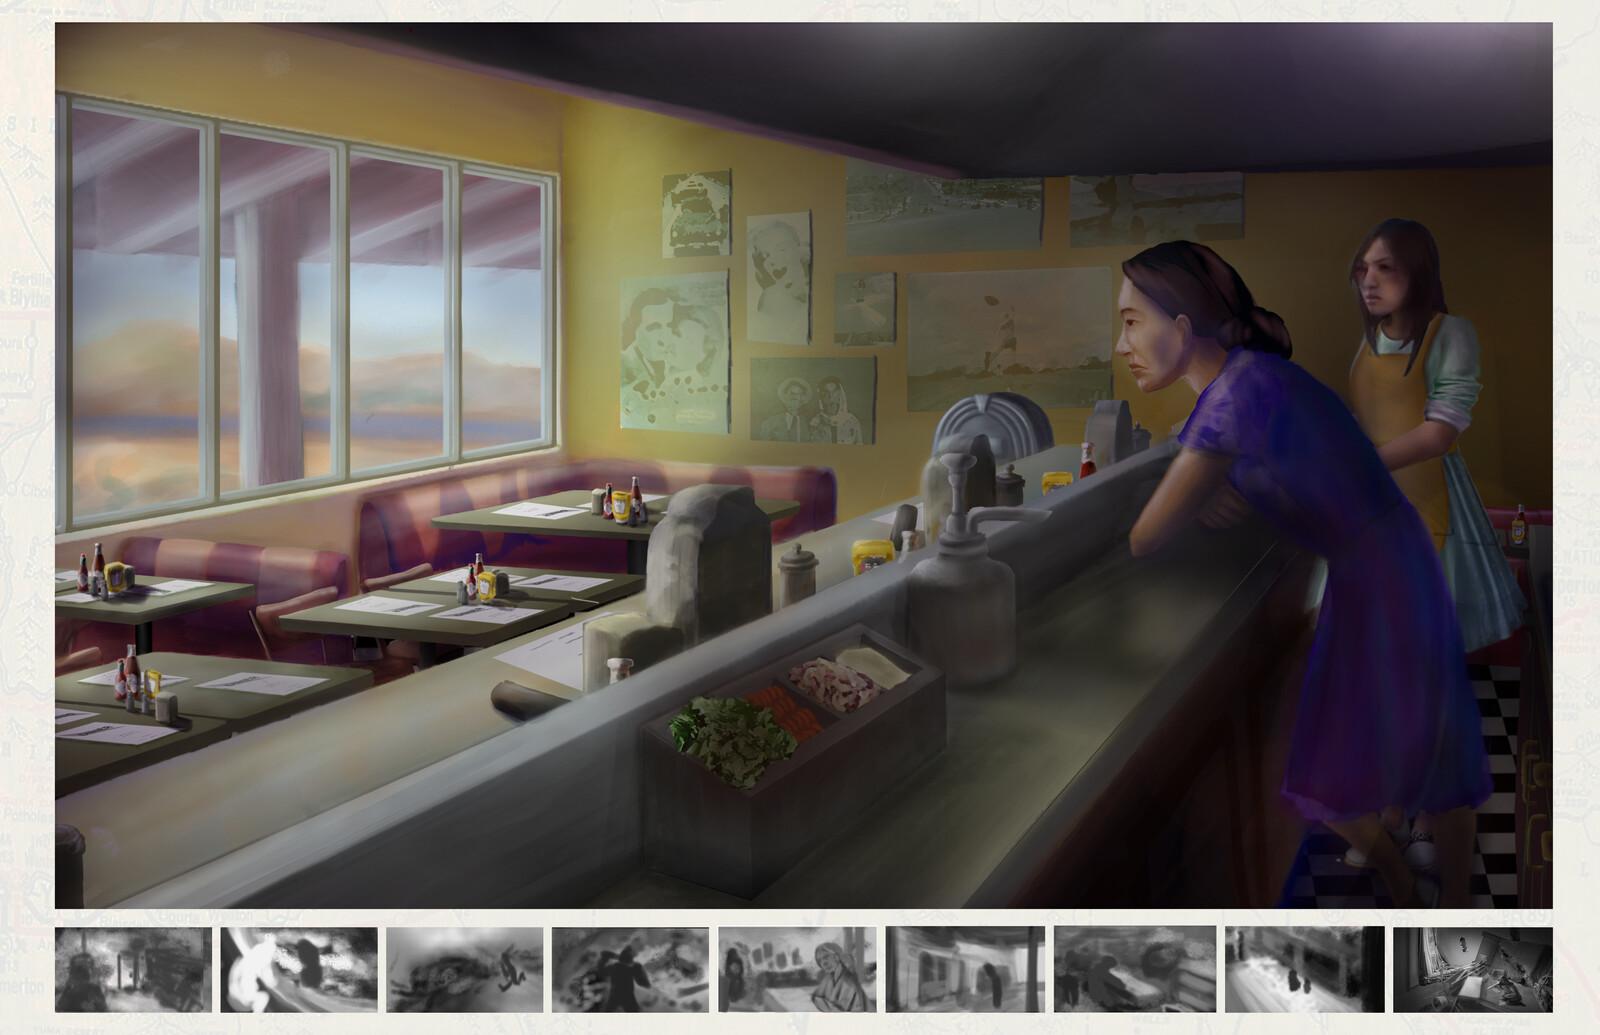 1940s Motel Diner Concept